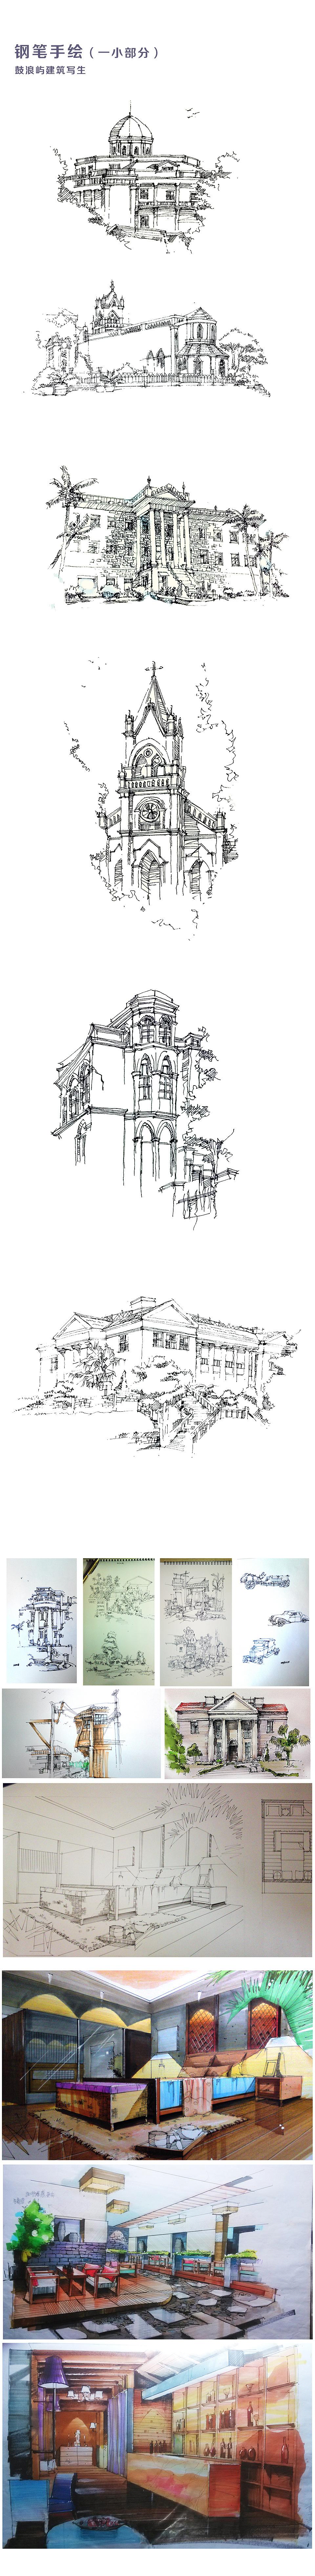 建筑设计/钢笔画/手绘/鼓浪屿/写生/马克笔